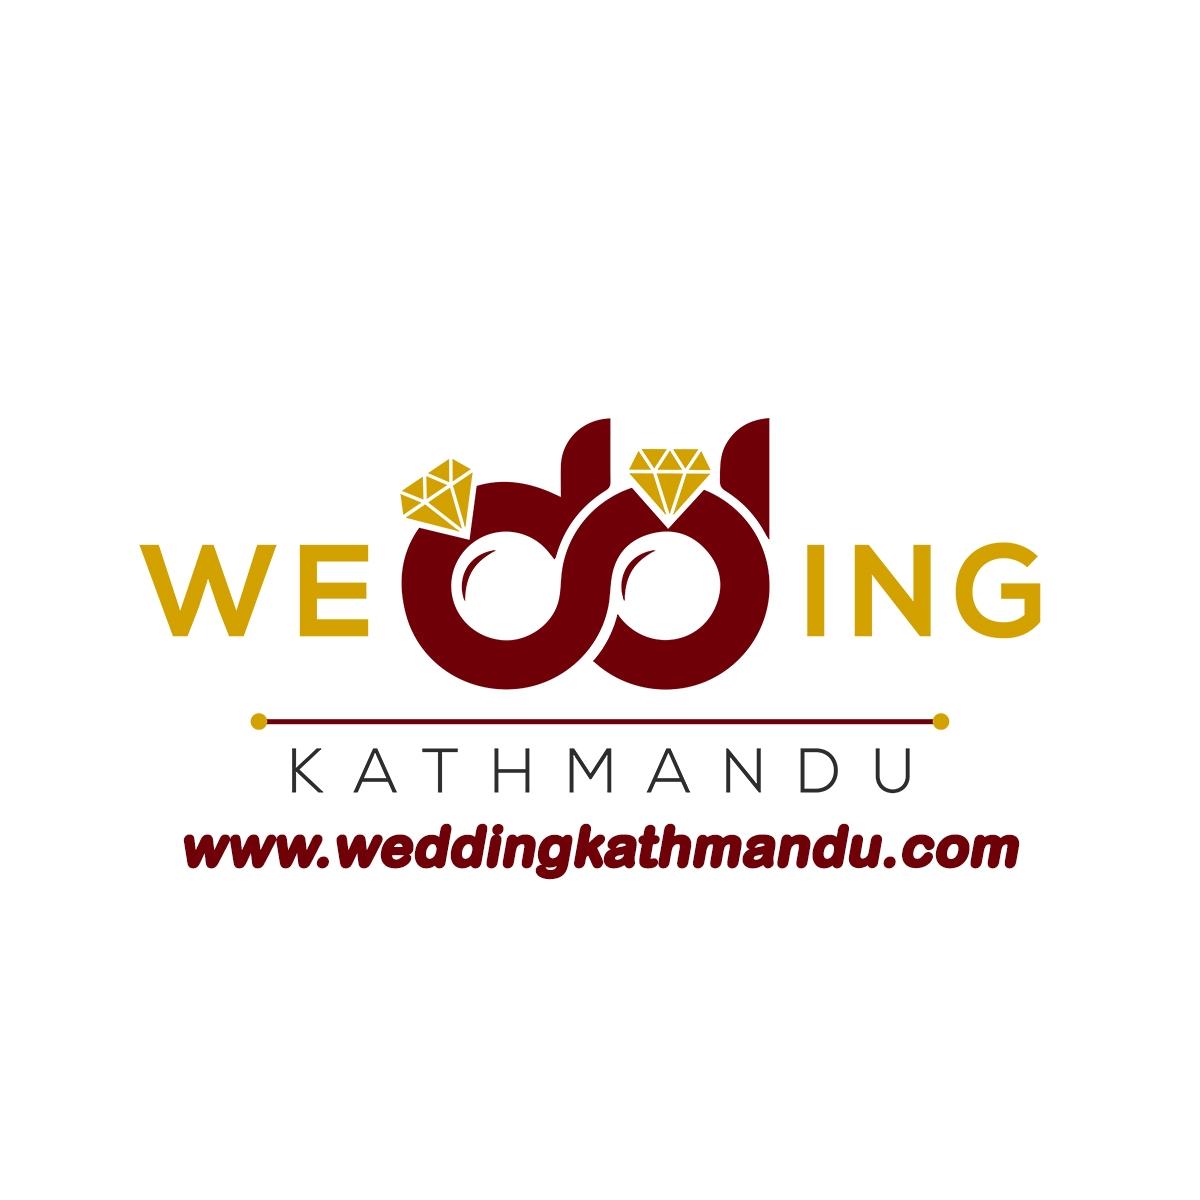 Wedding Kathmandu